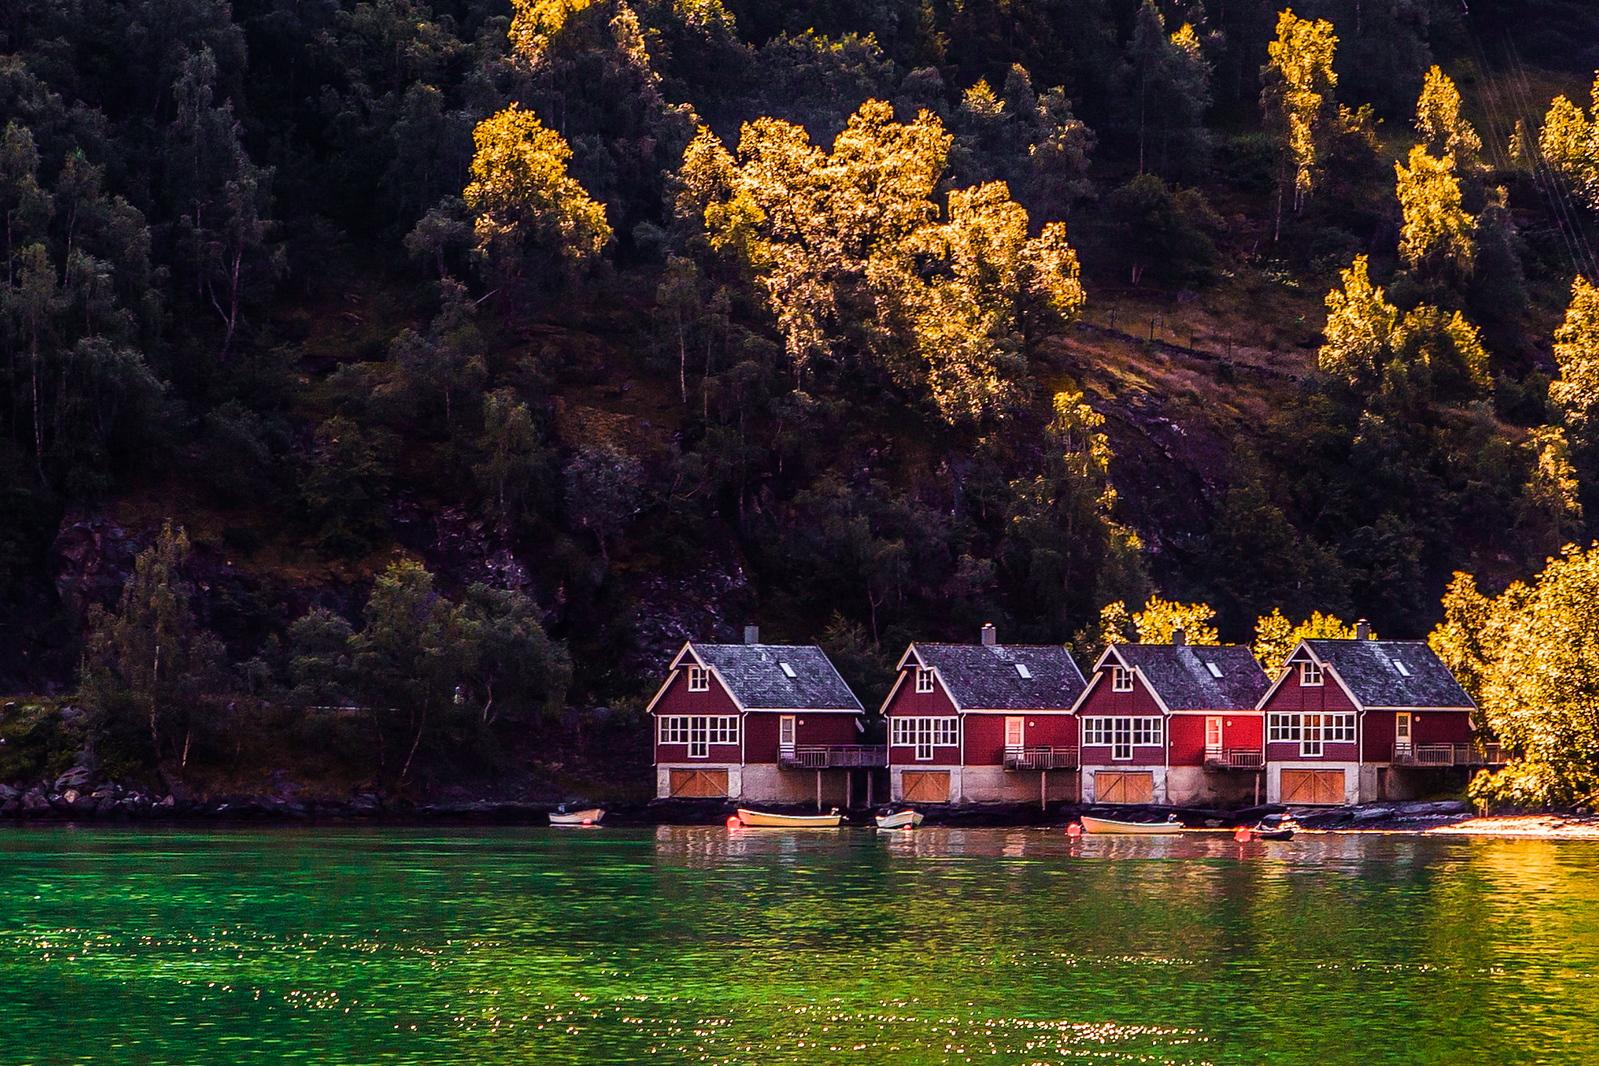 挪威弗拉姆铁路(Flam Railway),小城游轮瀑布